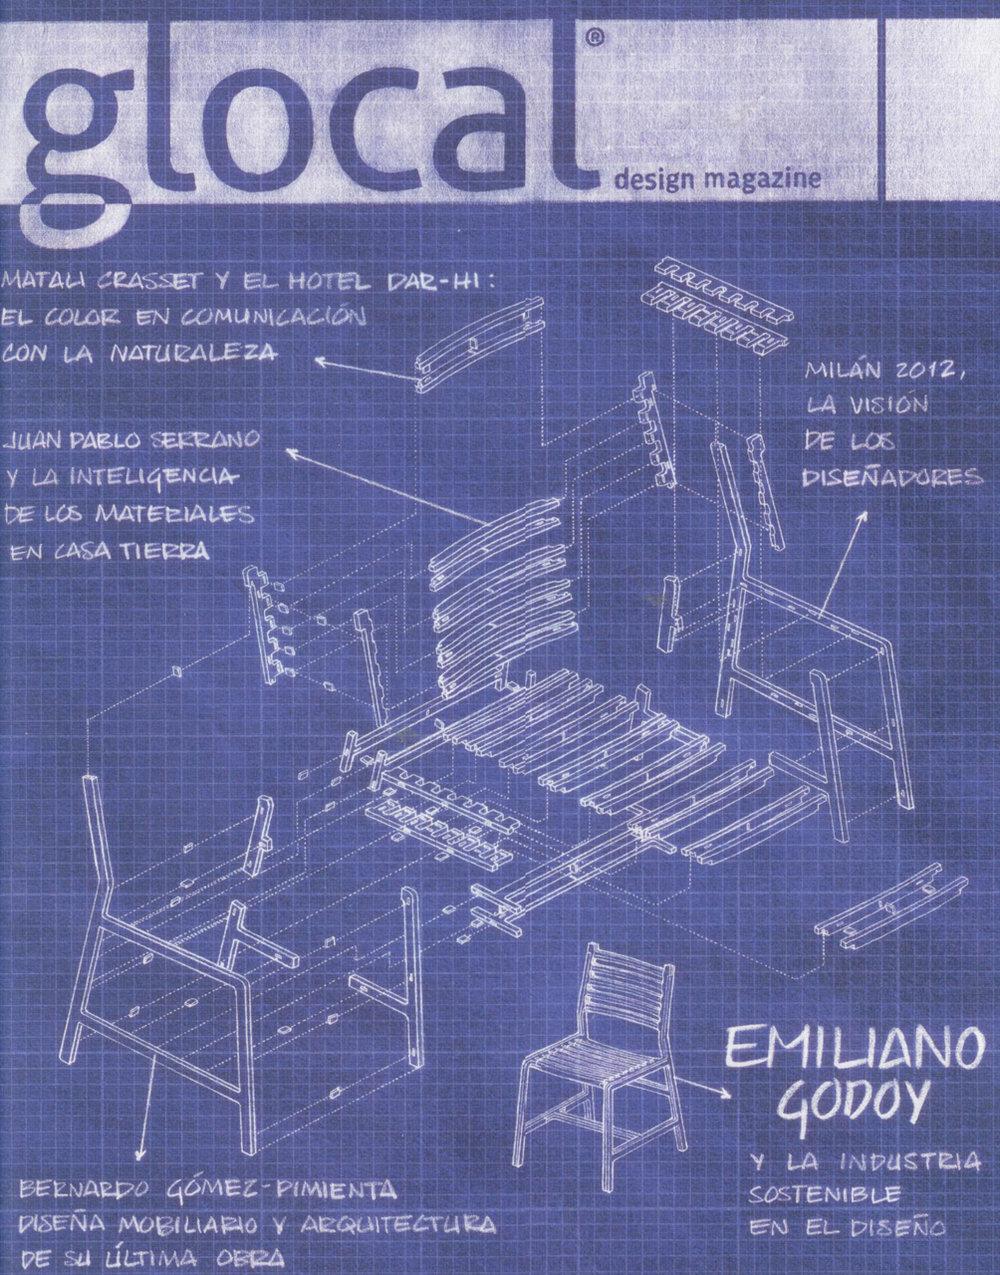 PORTADA WEB.jpg